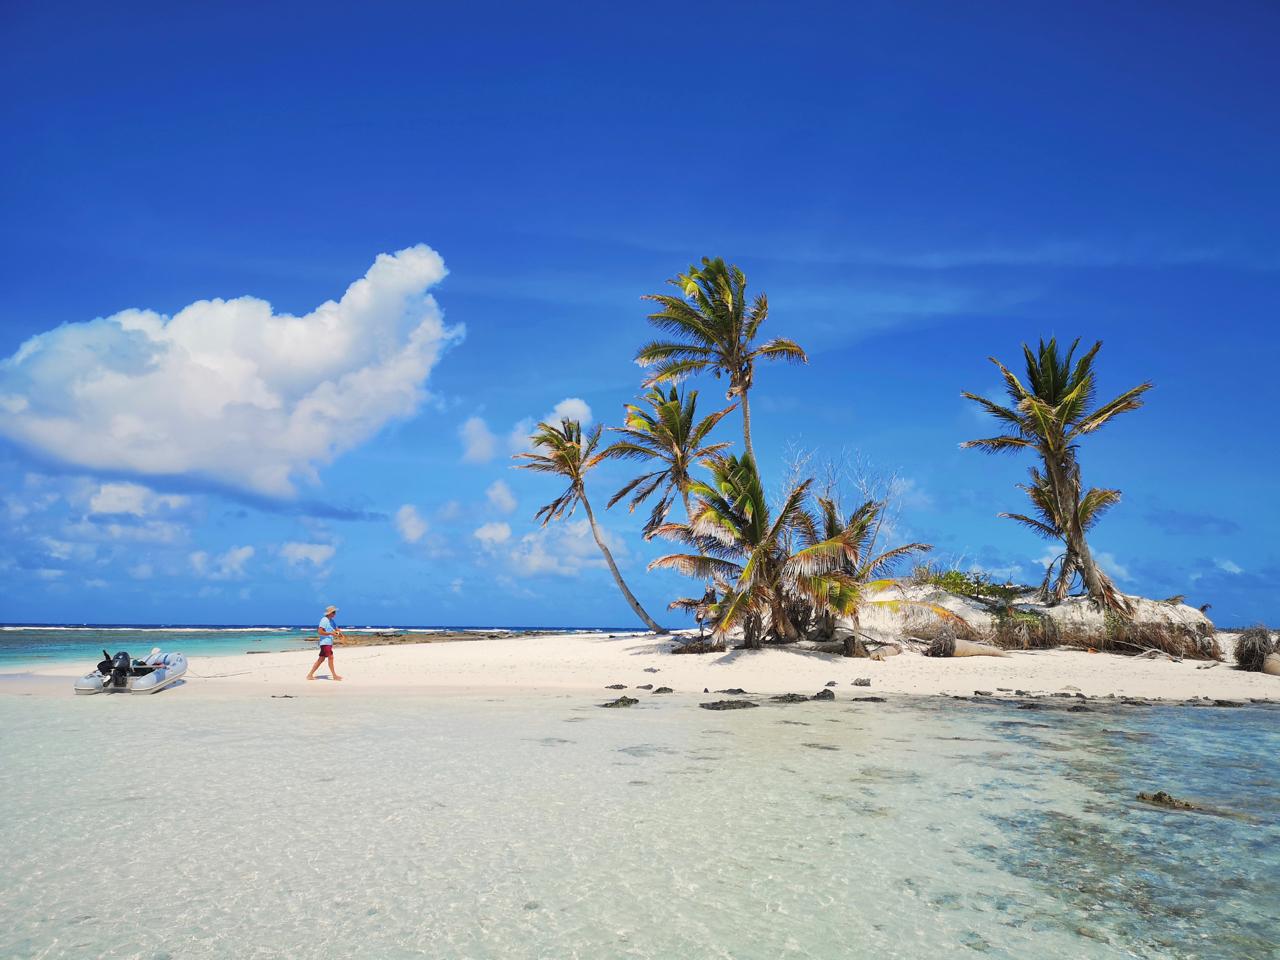 20181101科科斯群岛天堂般的沙滩岛.jpg